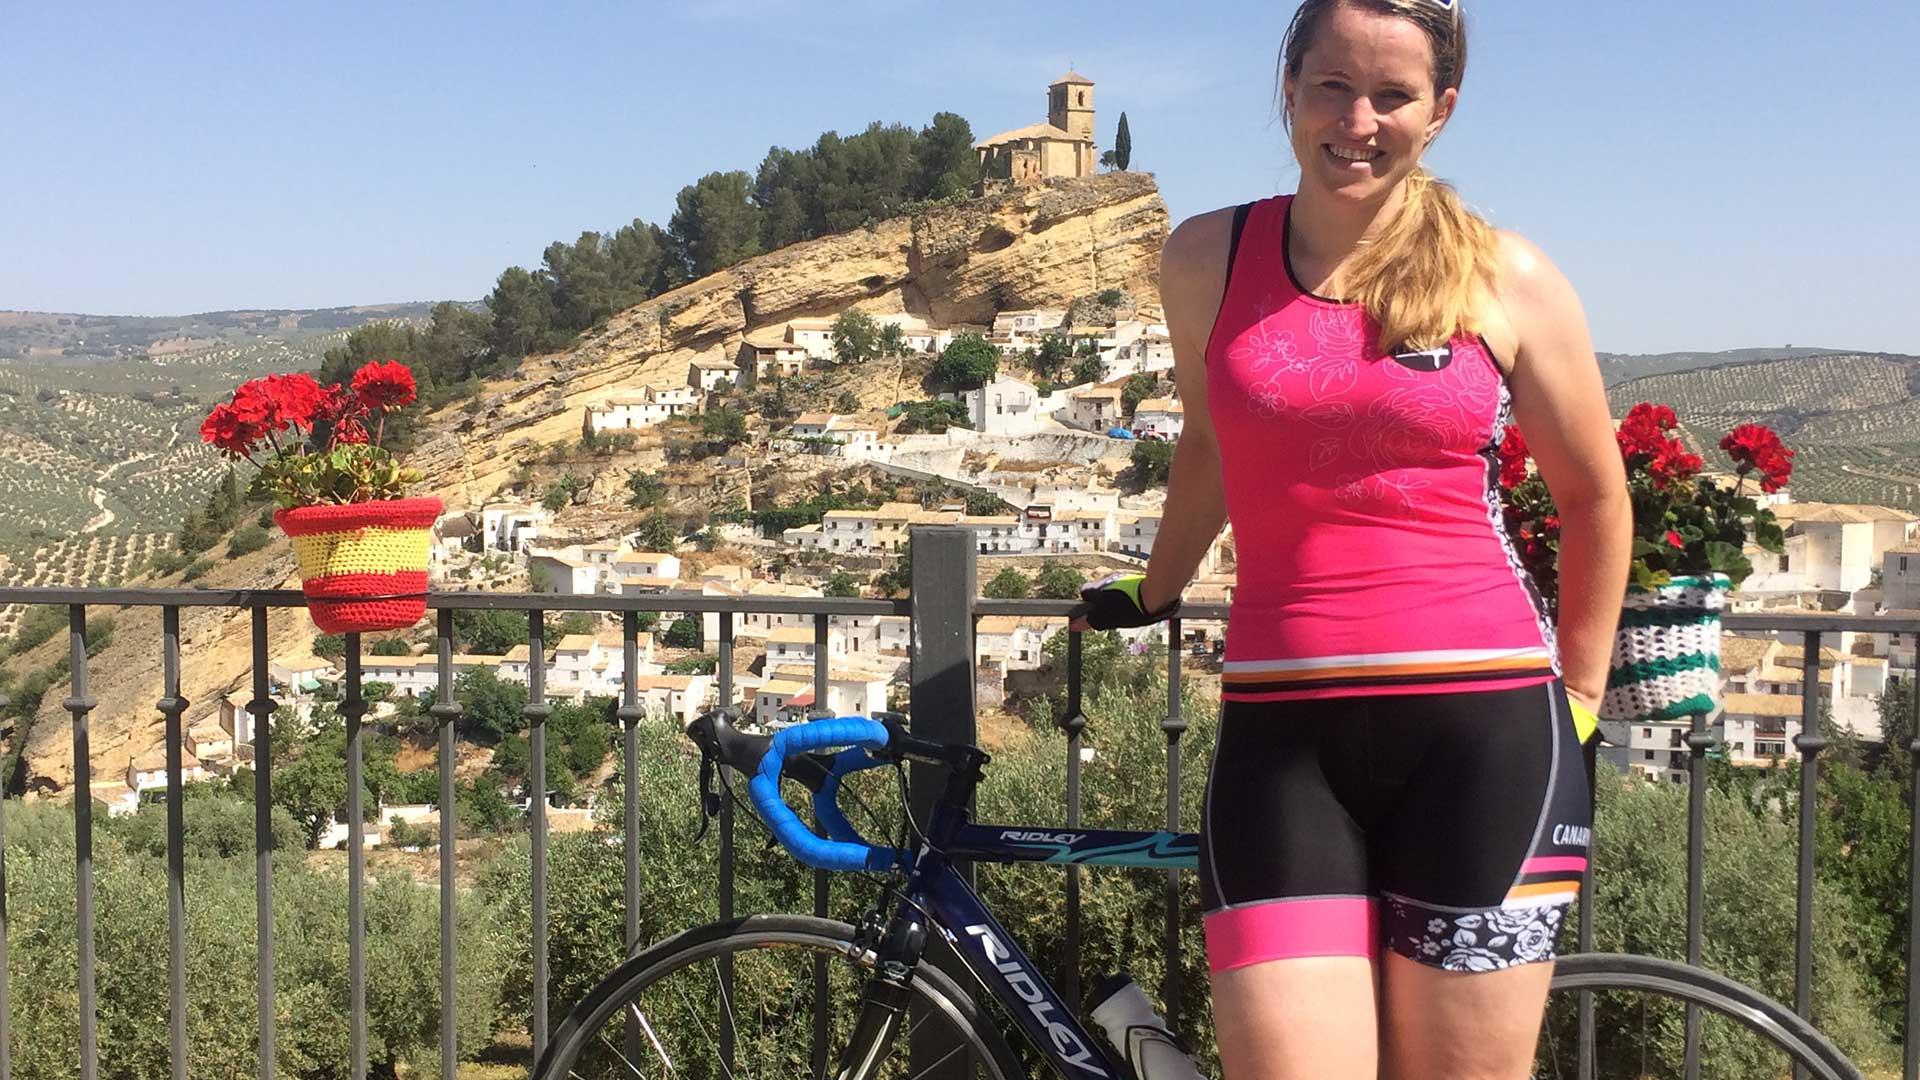 Wielrennen na een zware aanrijding: lees het verhaal van Sarah Brock